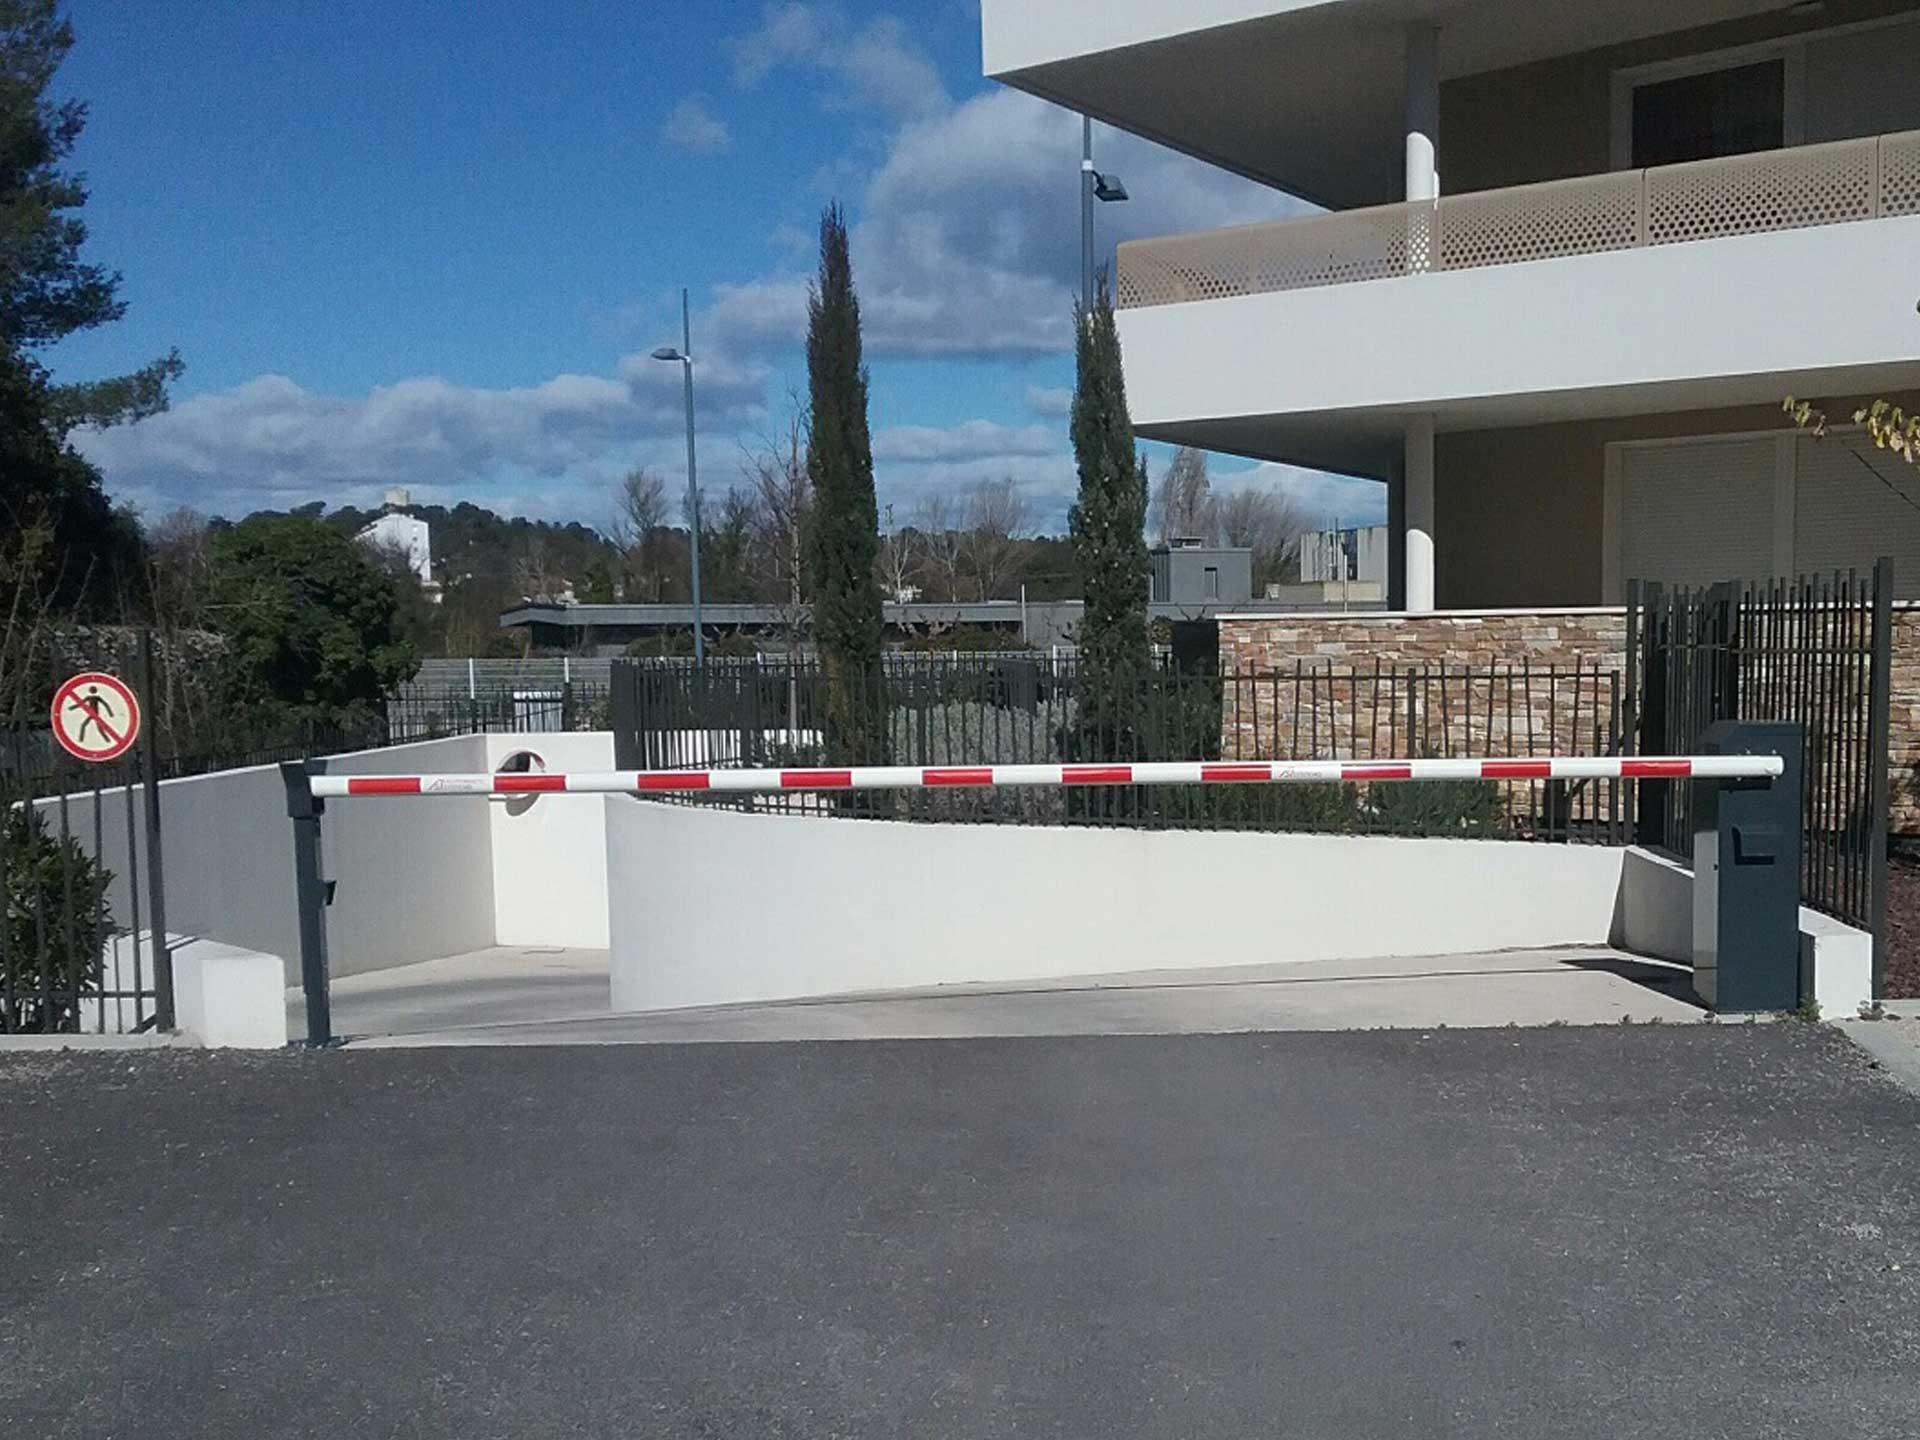 Vente barrière automatique métallique avec Sim Fermetures à Montpellier